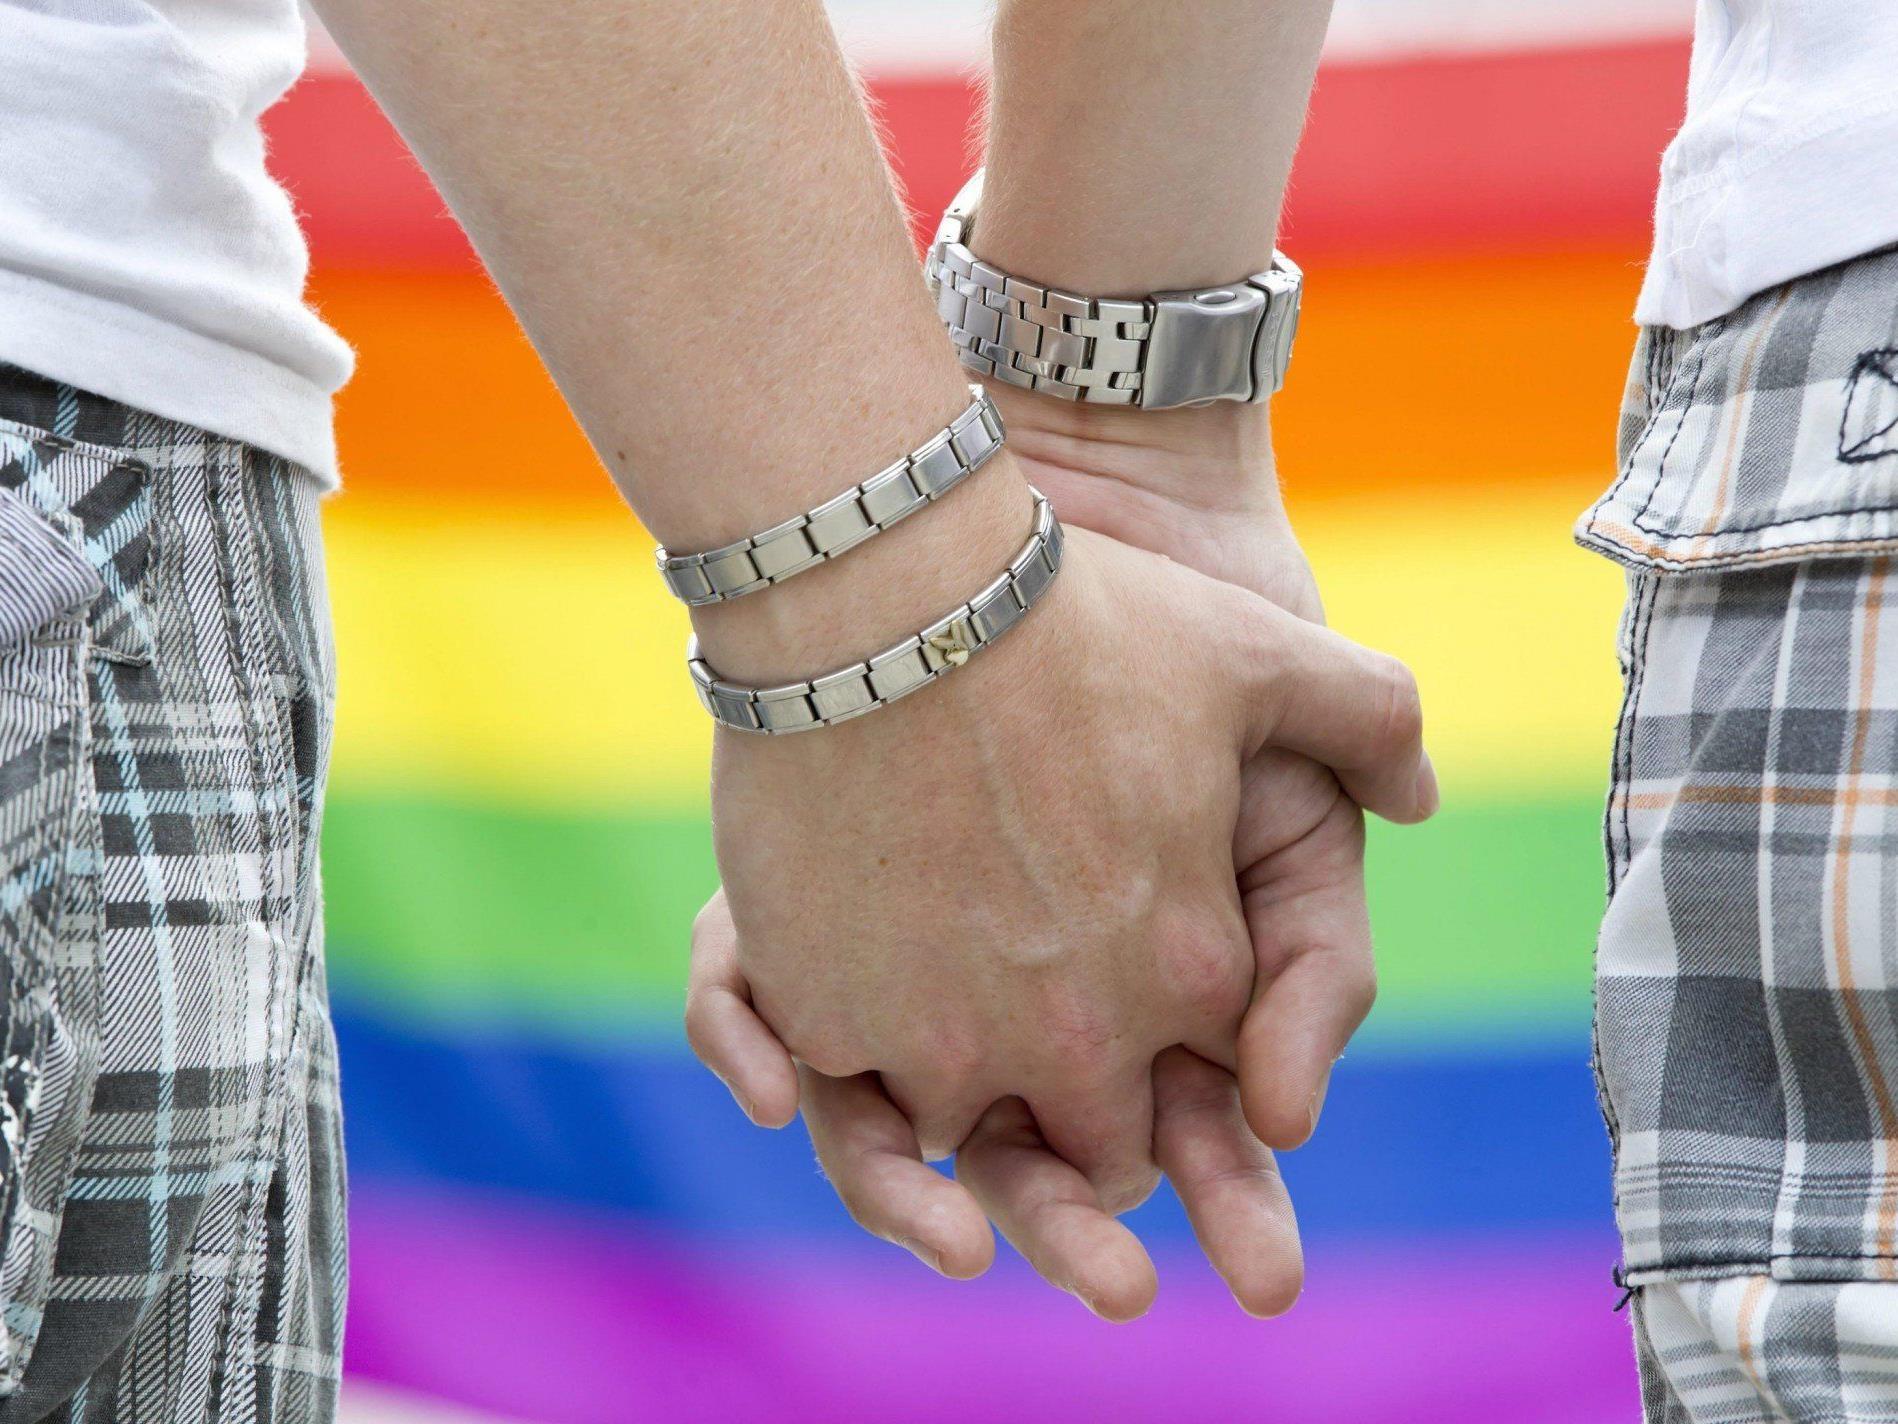 Schwulen und Lesben in Virginia werde grundlegende Freiheit vorenthalten.